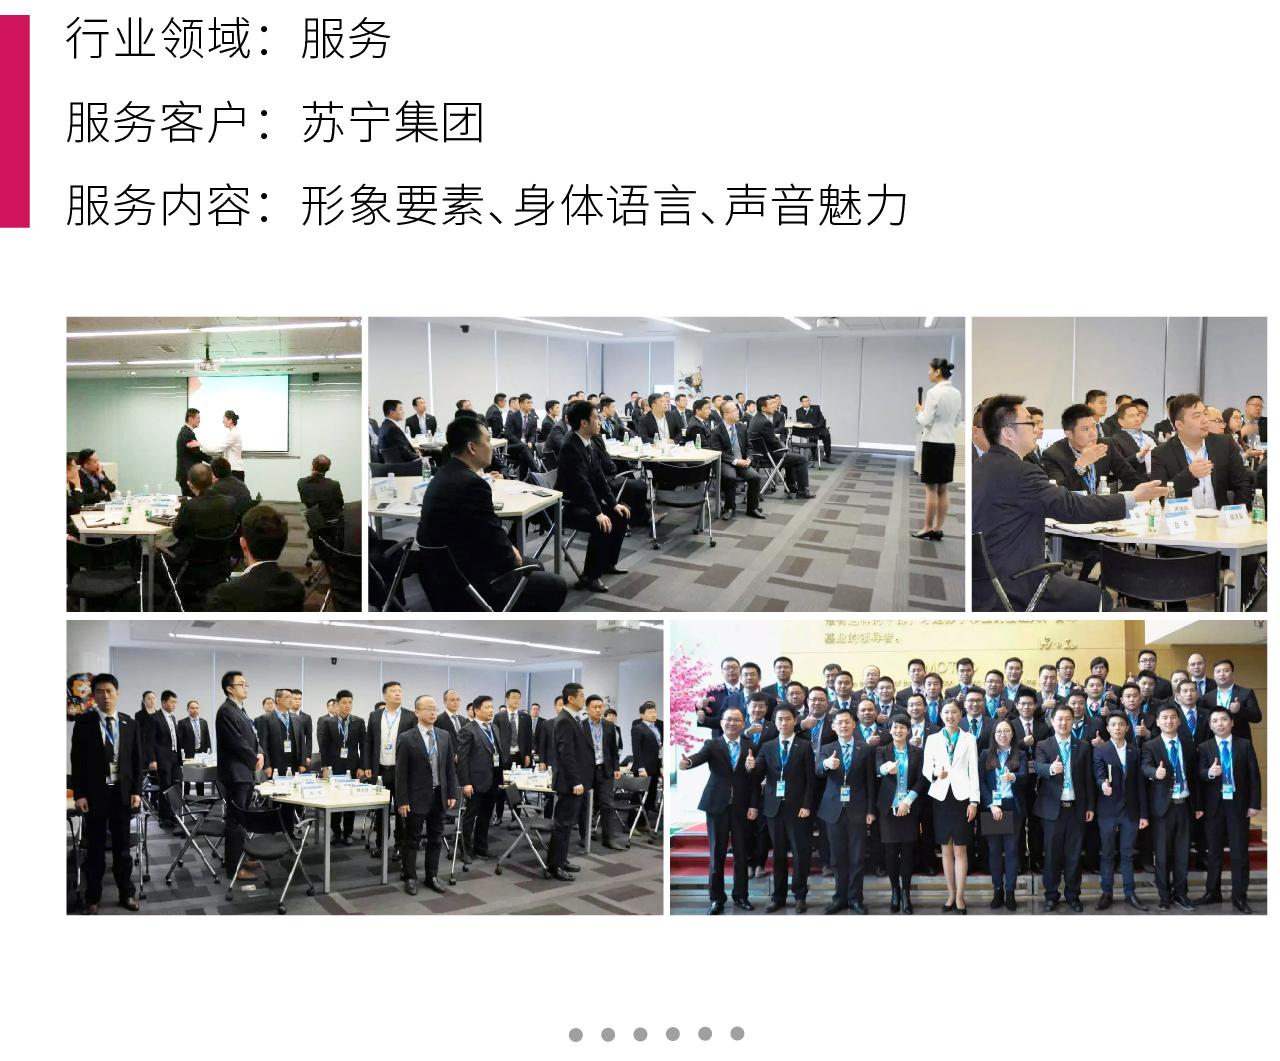 10服务行业礼仪培训项目:苏宁集团,服务礼仪培训案例